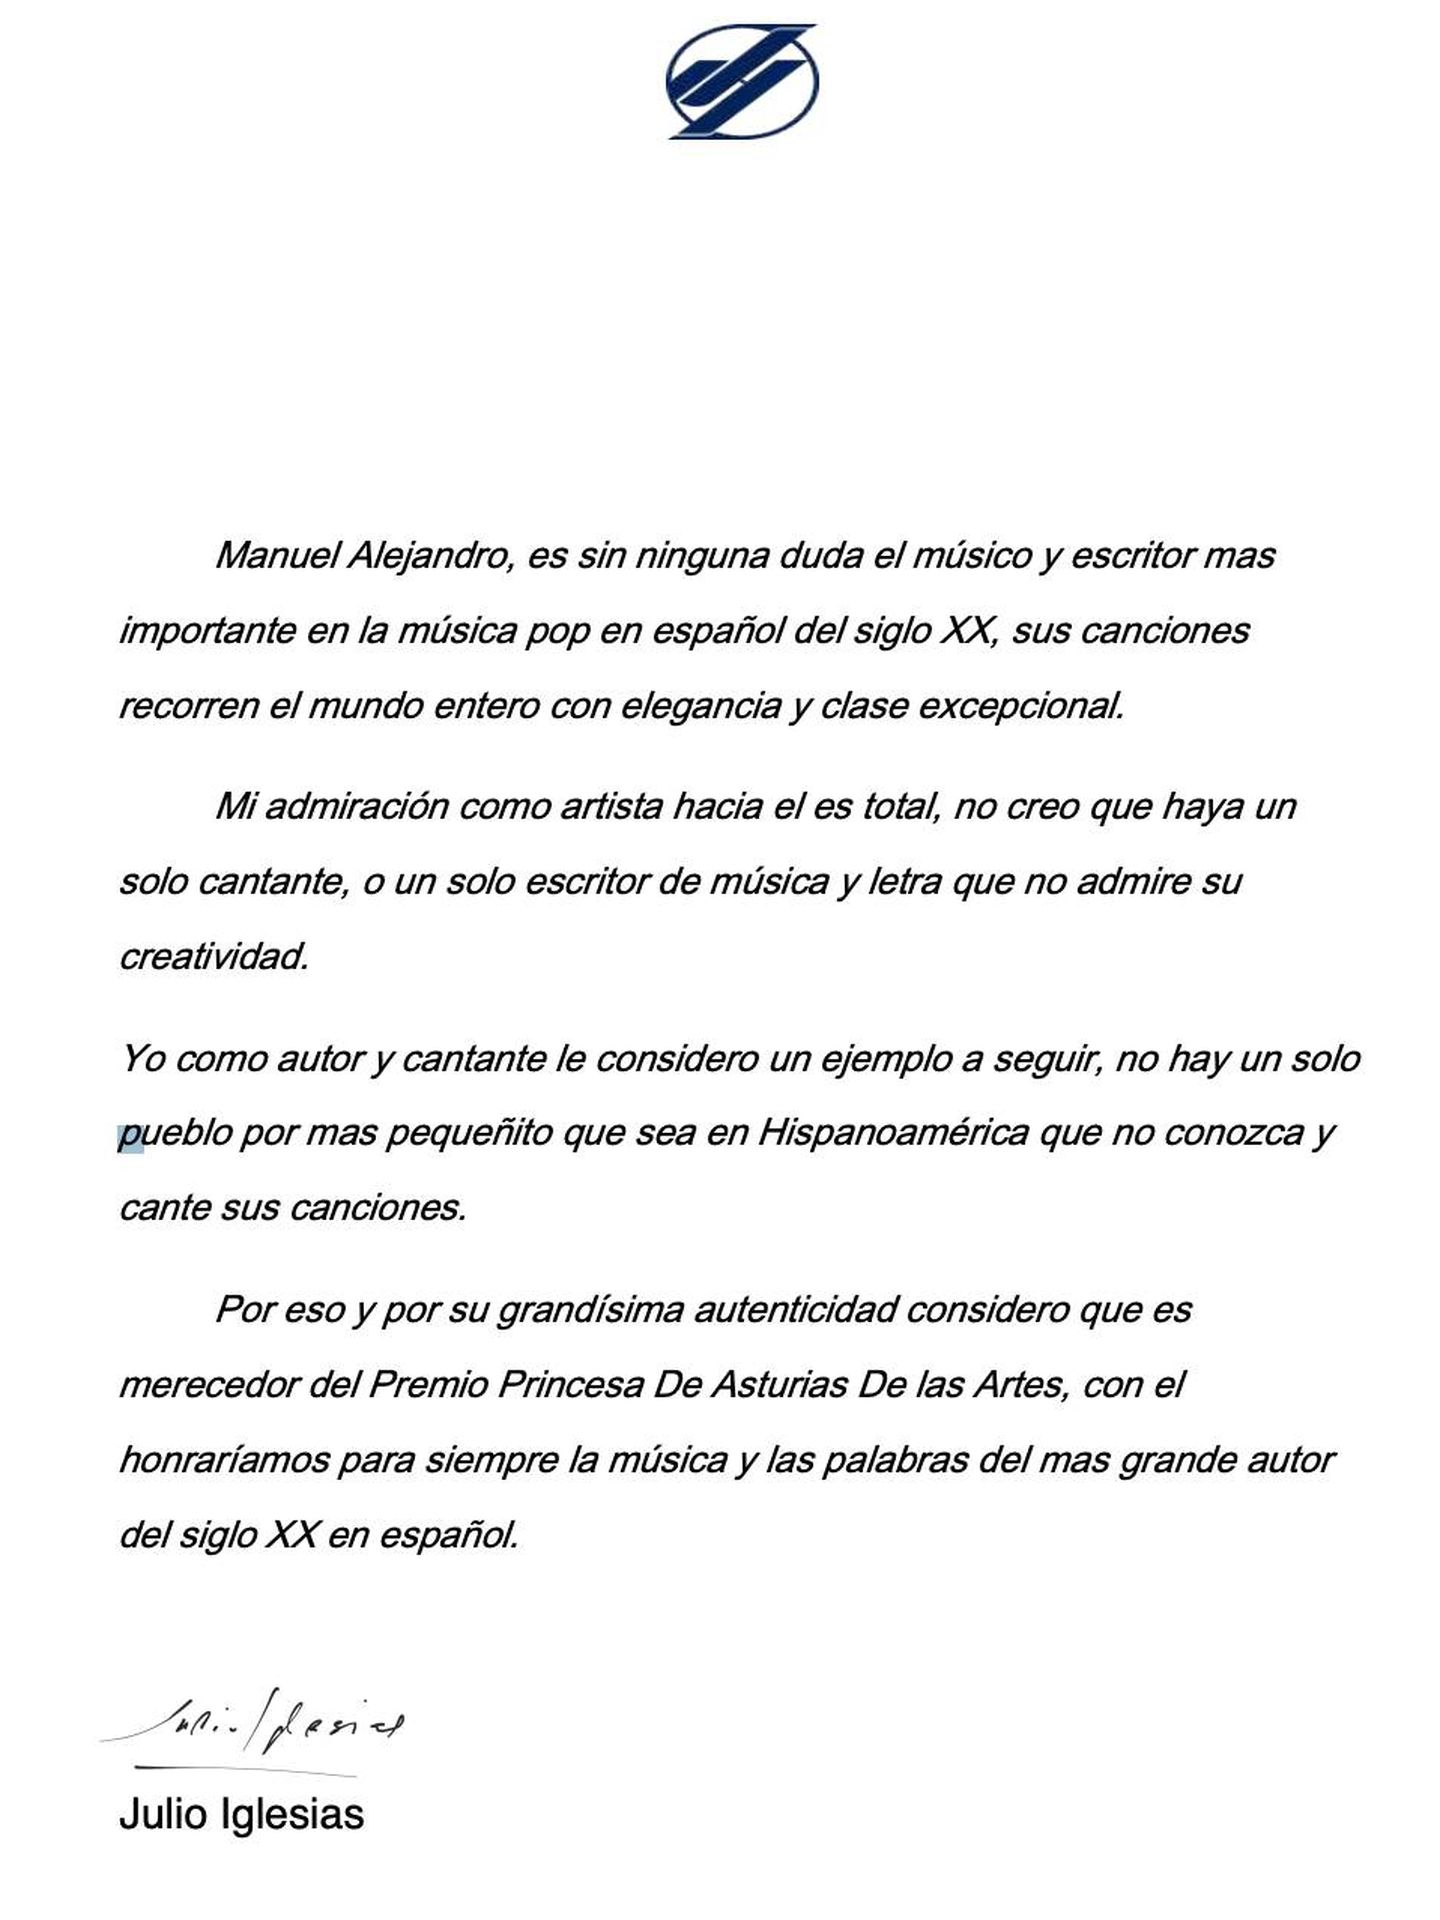 La carta de Julio Iglesias.